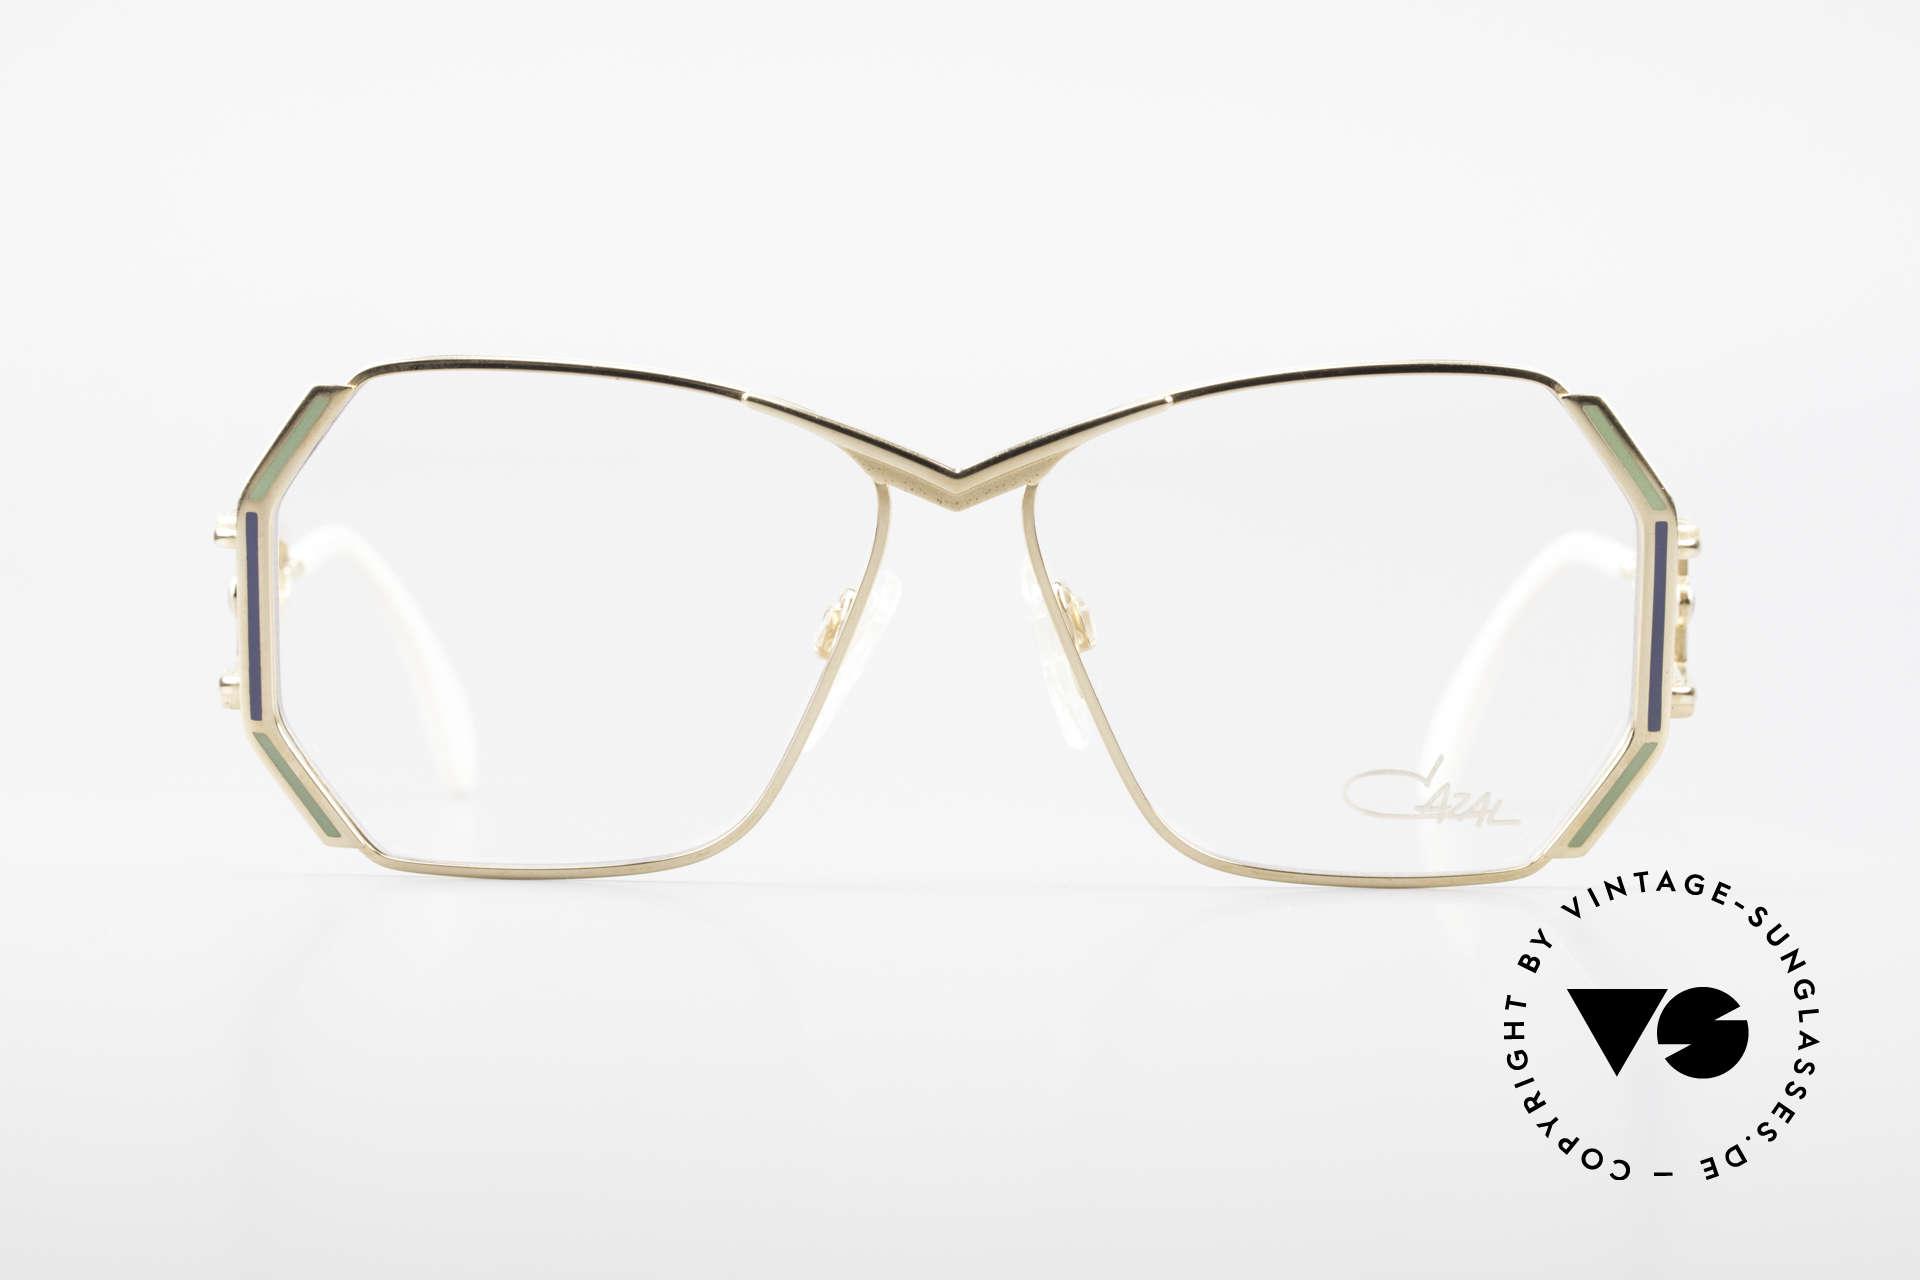 Cazal 225 Old School 80er HipHop Brille, tolles Design von Cari Zalloni mit auffälligen Bügeln, Passend für Damen